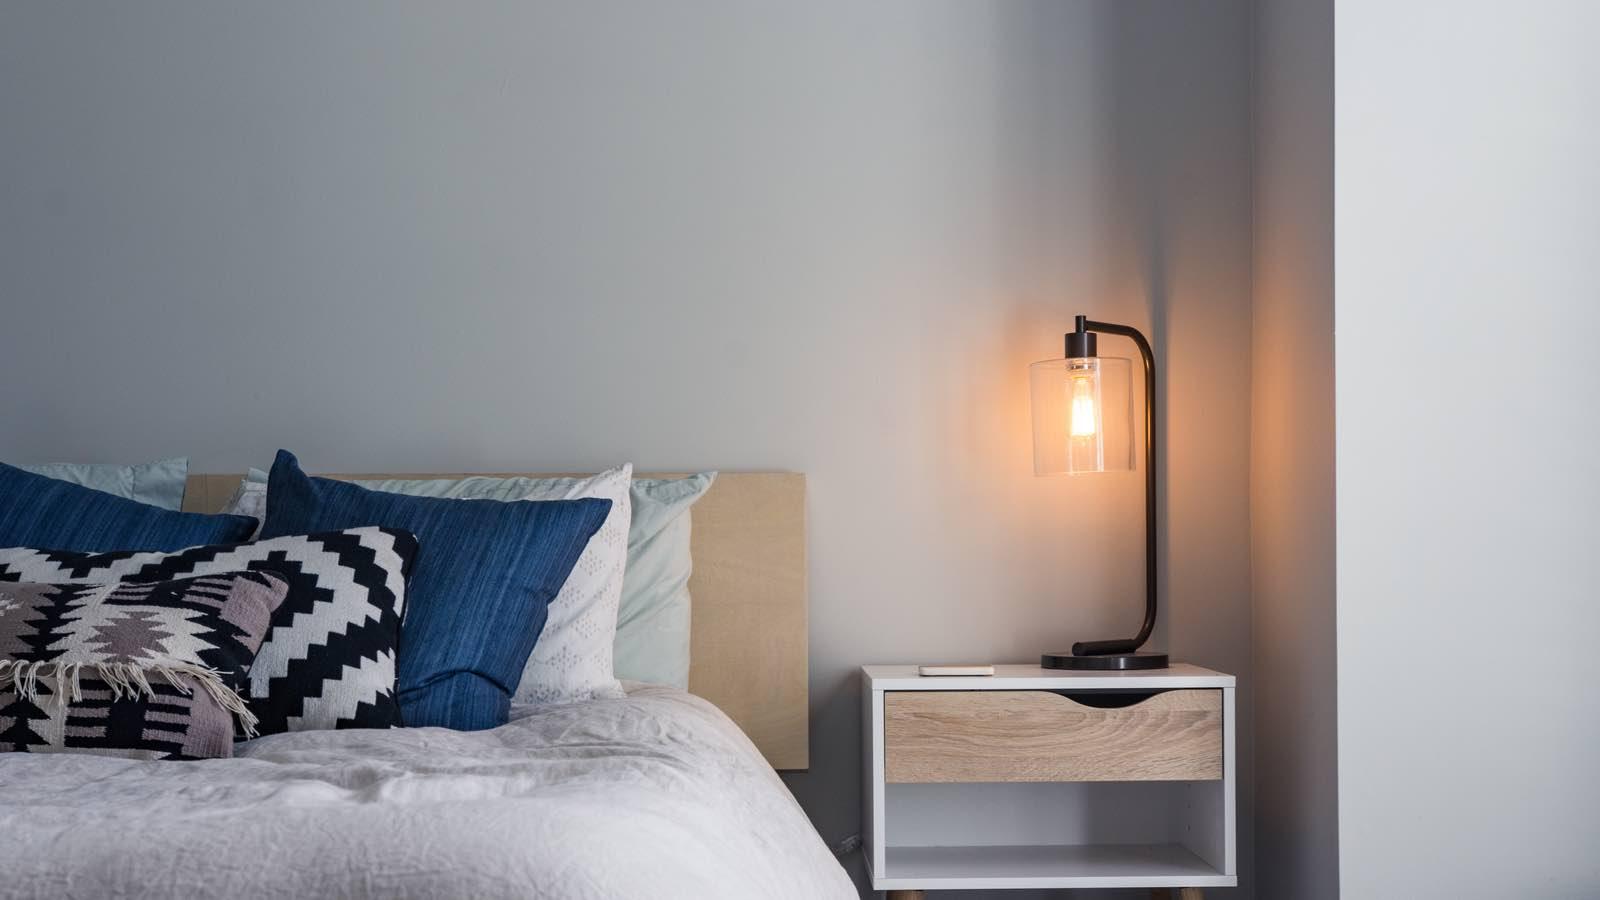 Der Zweck Für Deine Schlafzimmer Lampe Sollte Romantisch Sein